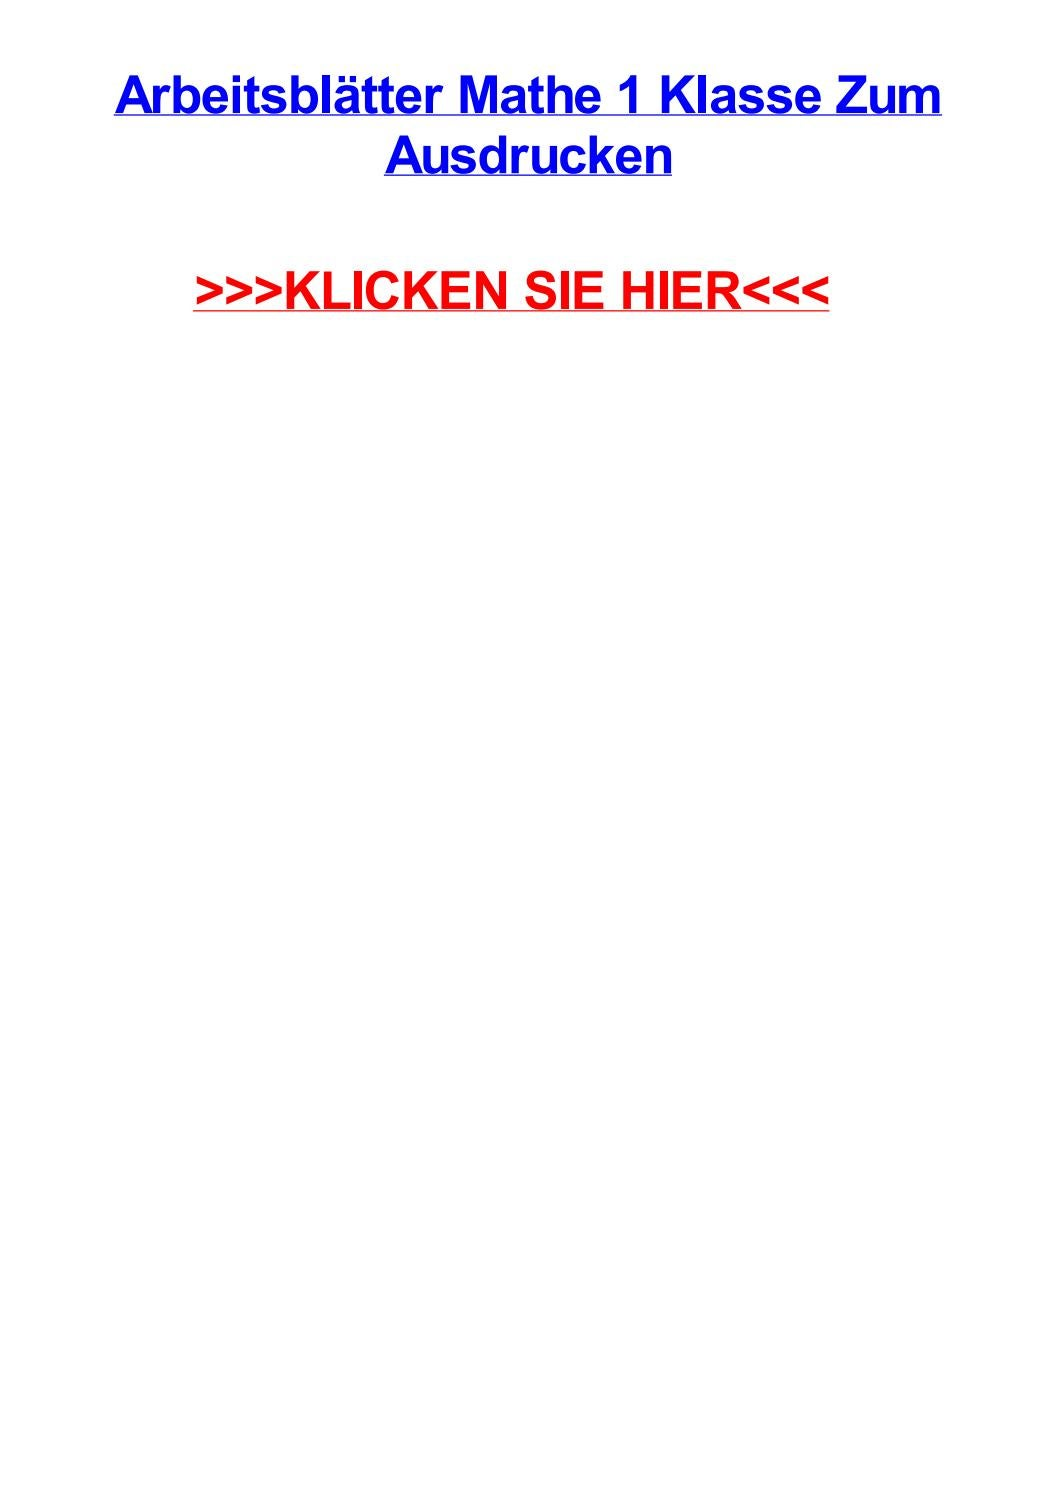 Arbeitsbltter mathe 1 klasse zum ausdrucken by athenasbyzntej - issuu